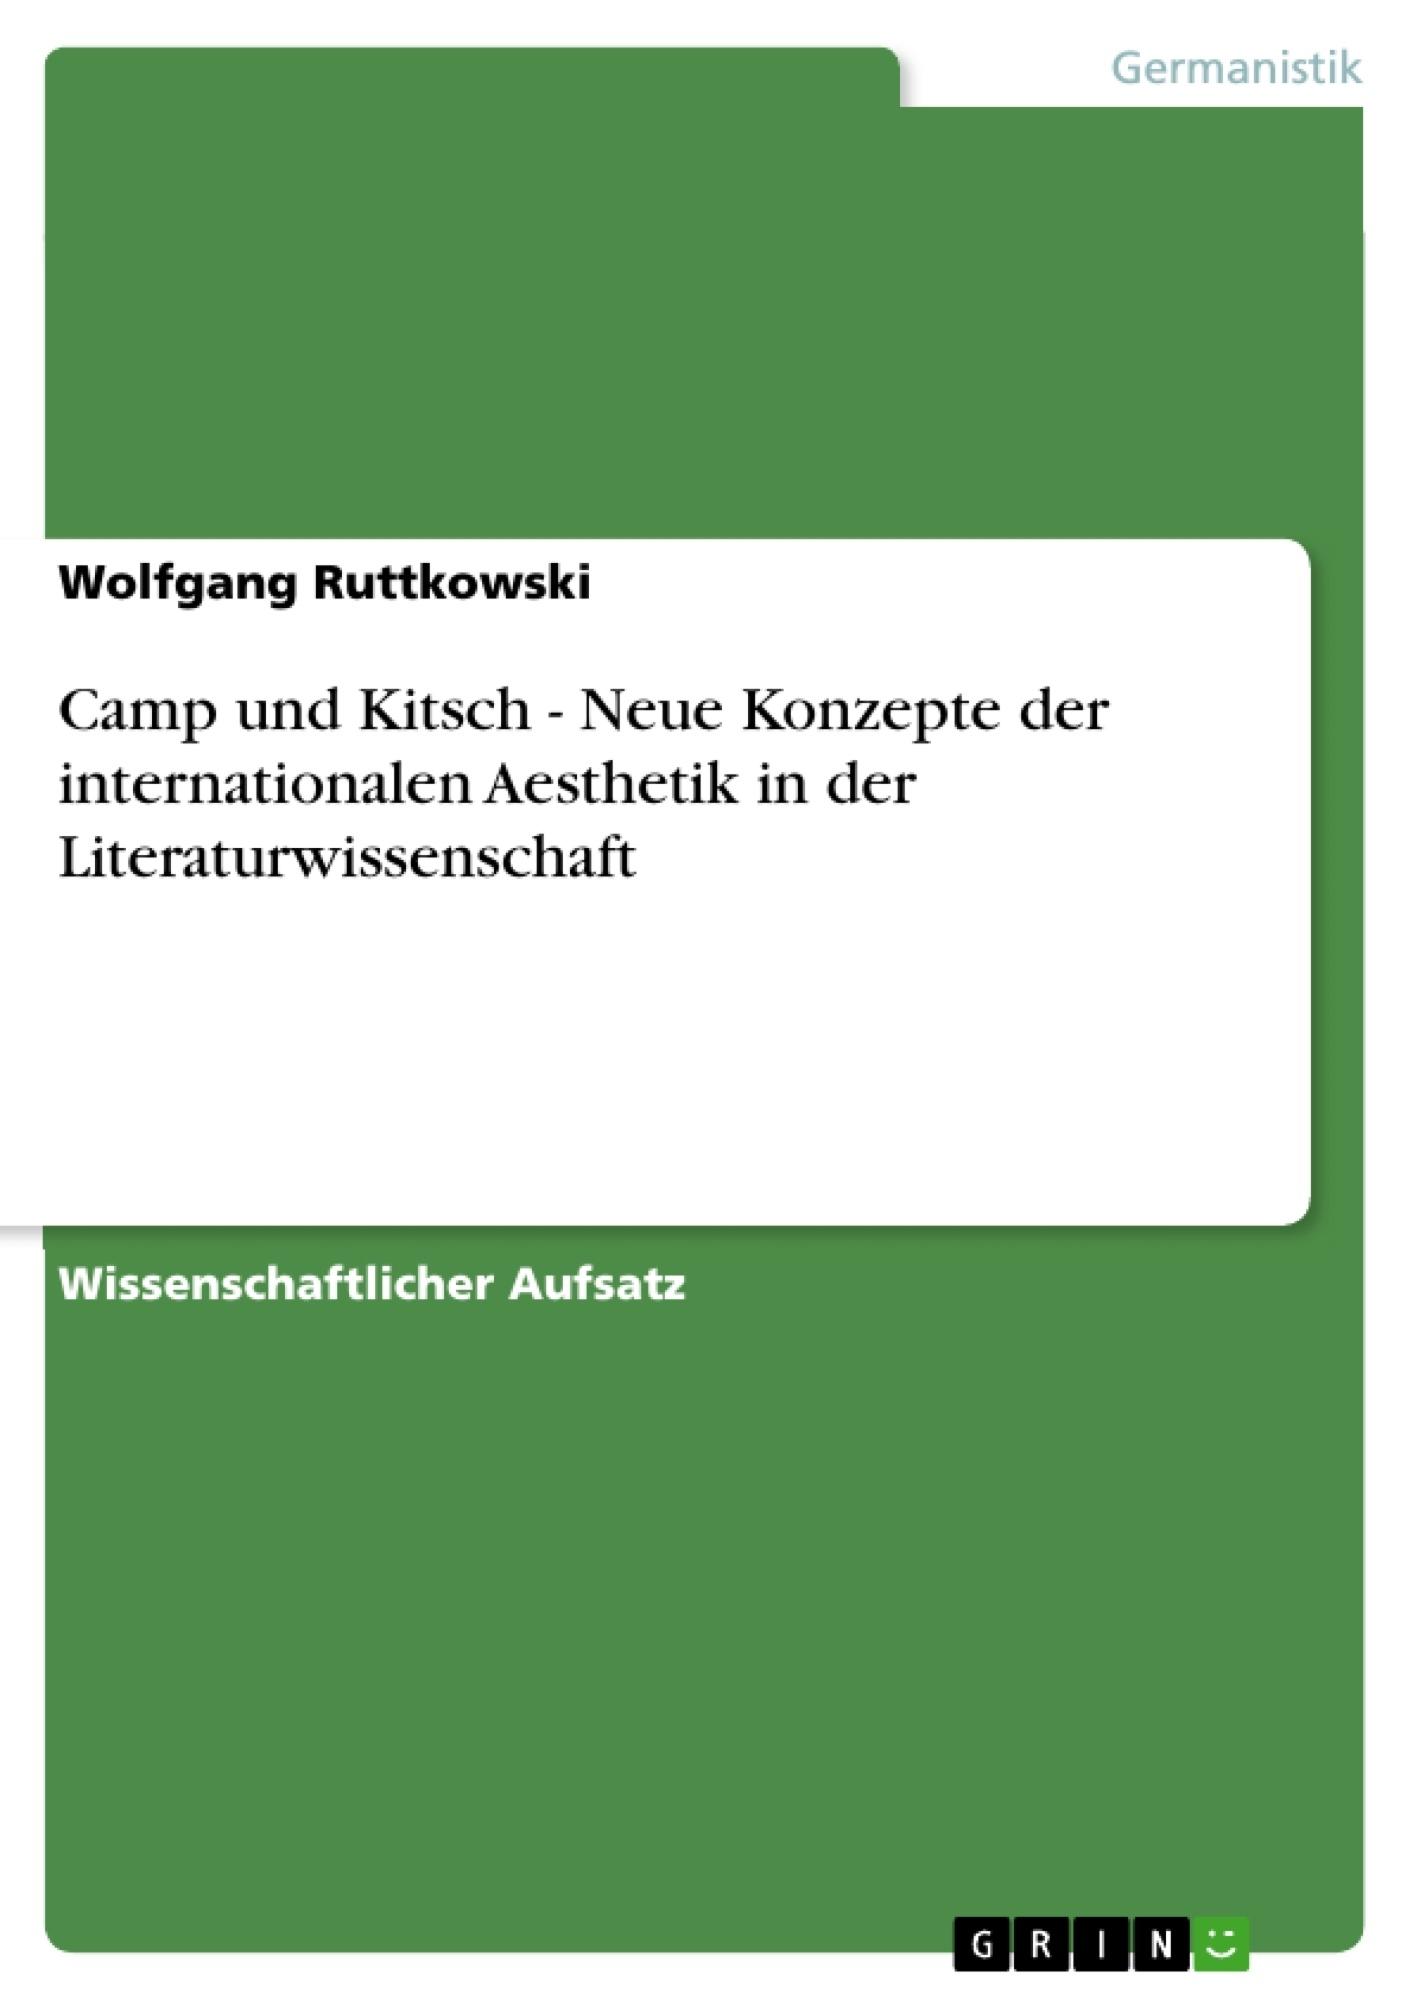 Titel: Camp und Kitsch - Neue Konzepte der internationalen Aesthetik in der Literaturwissenschaft